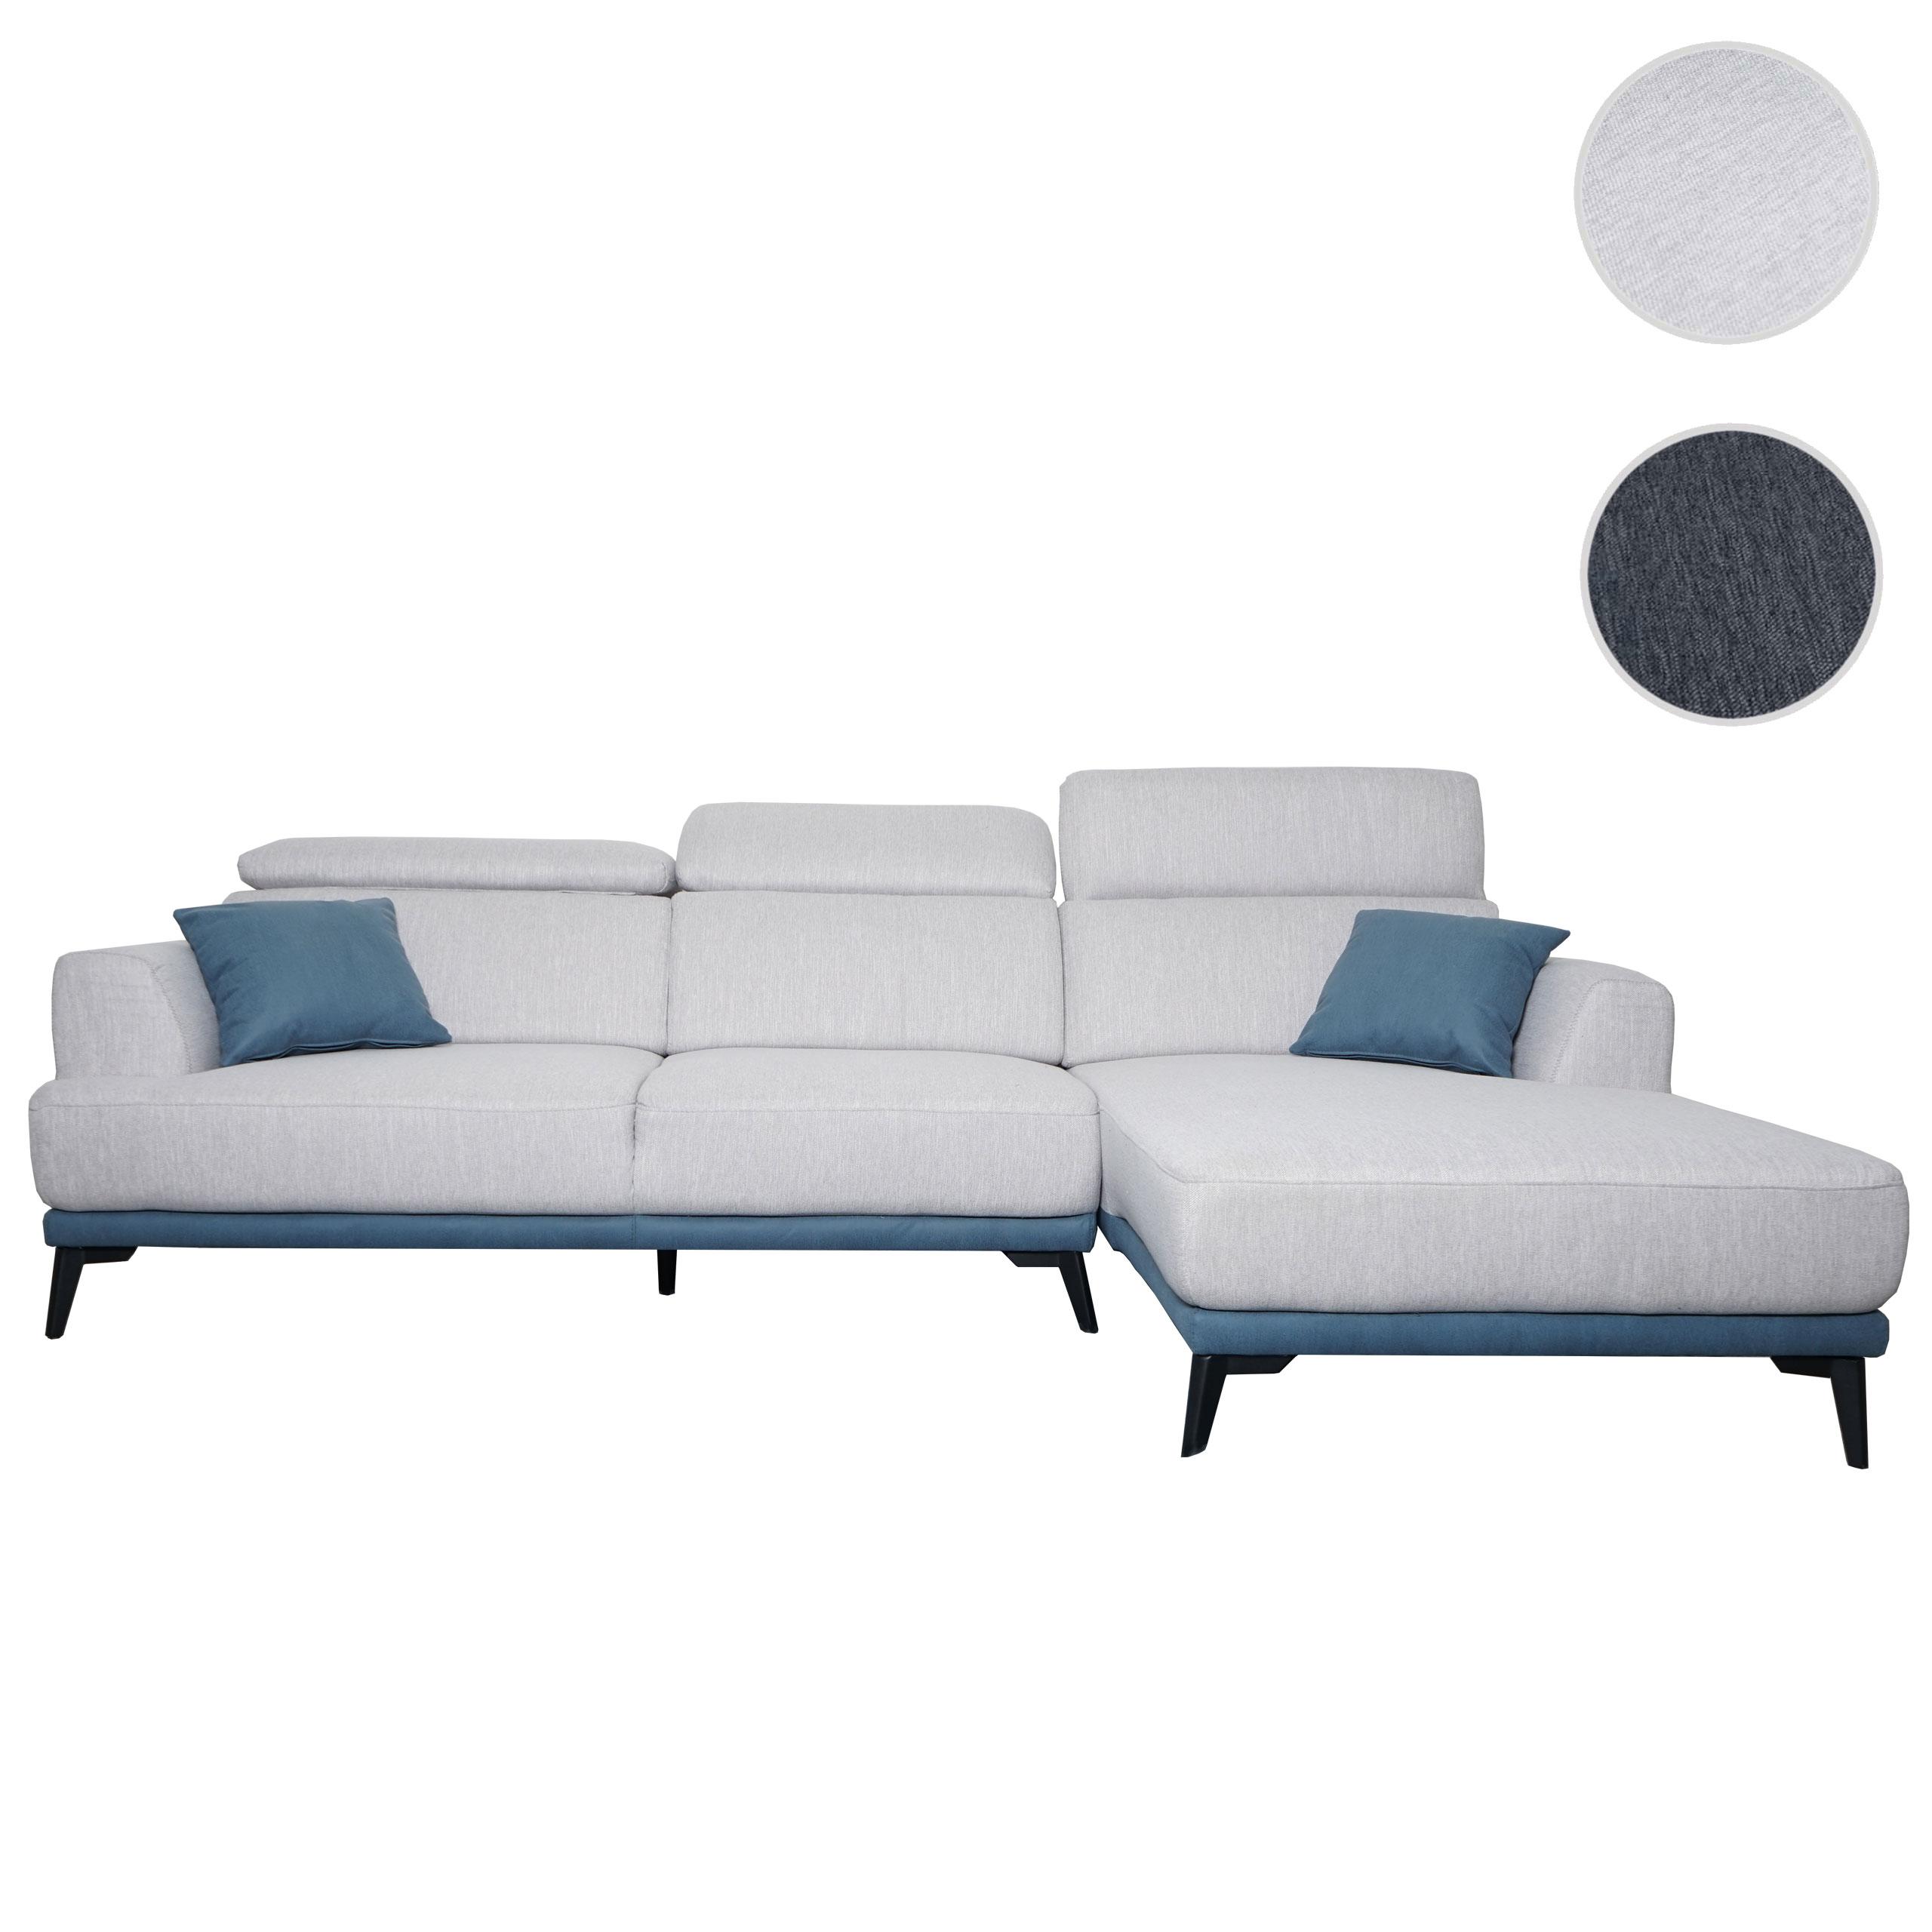 Mendler Sofa HWC-G44, Couch Ecksofa L-Form 3-Sitzer, Liegefläche Nosagfederung Taschenfederkern verstellbar 71519+71520